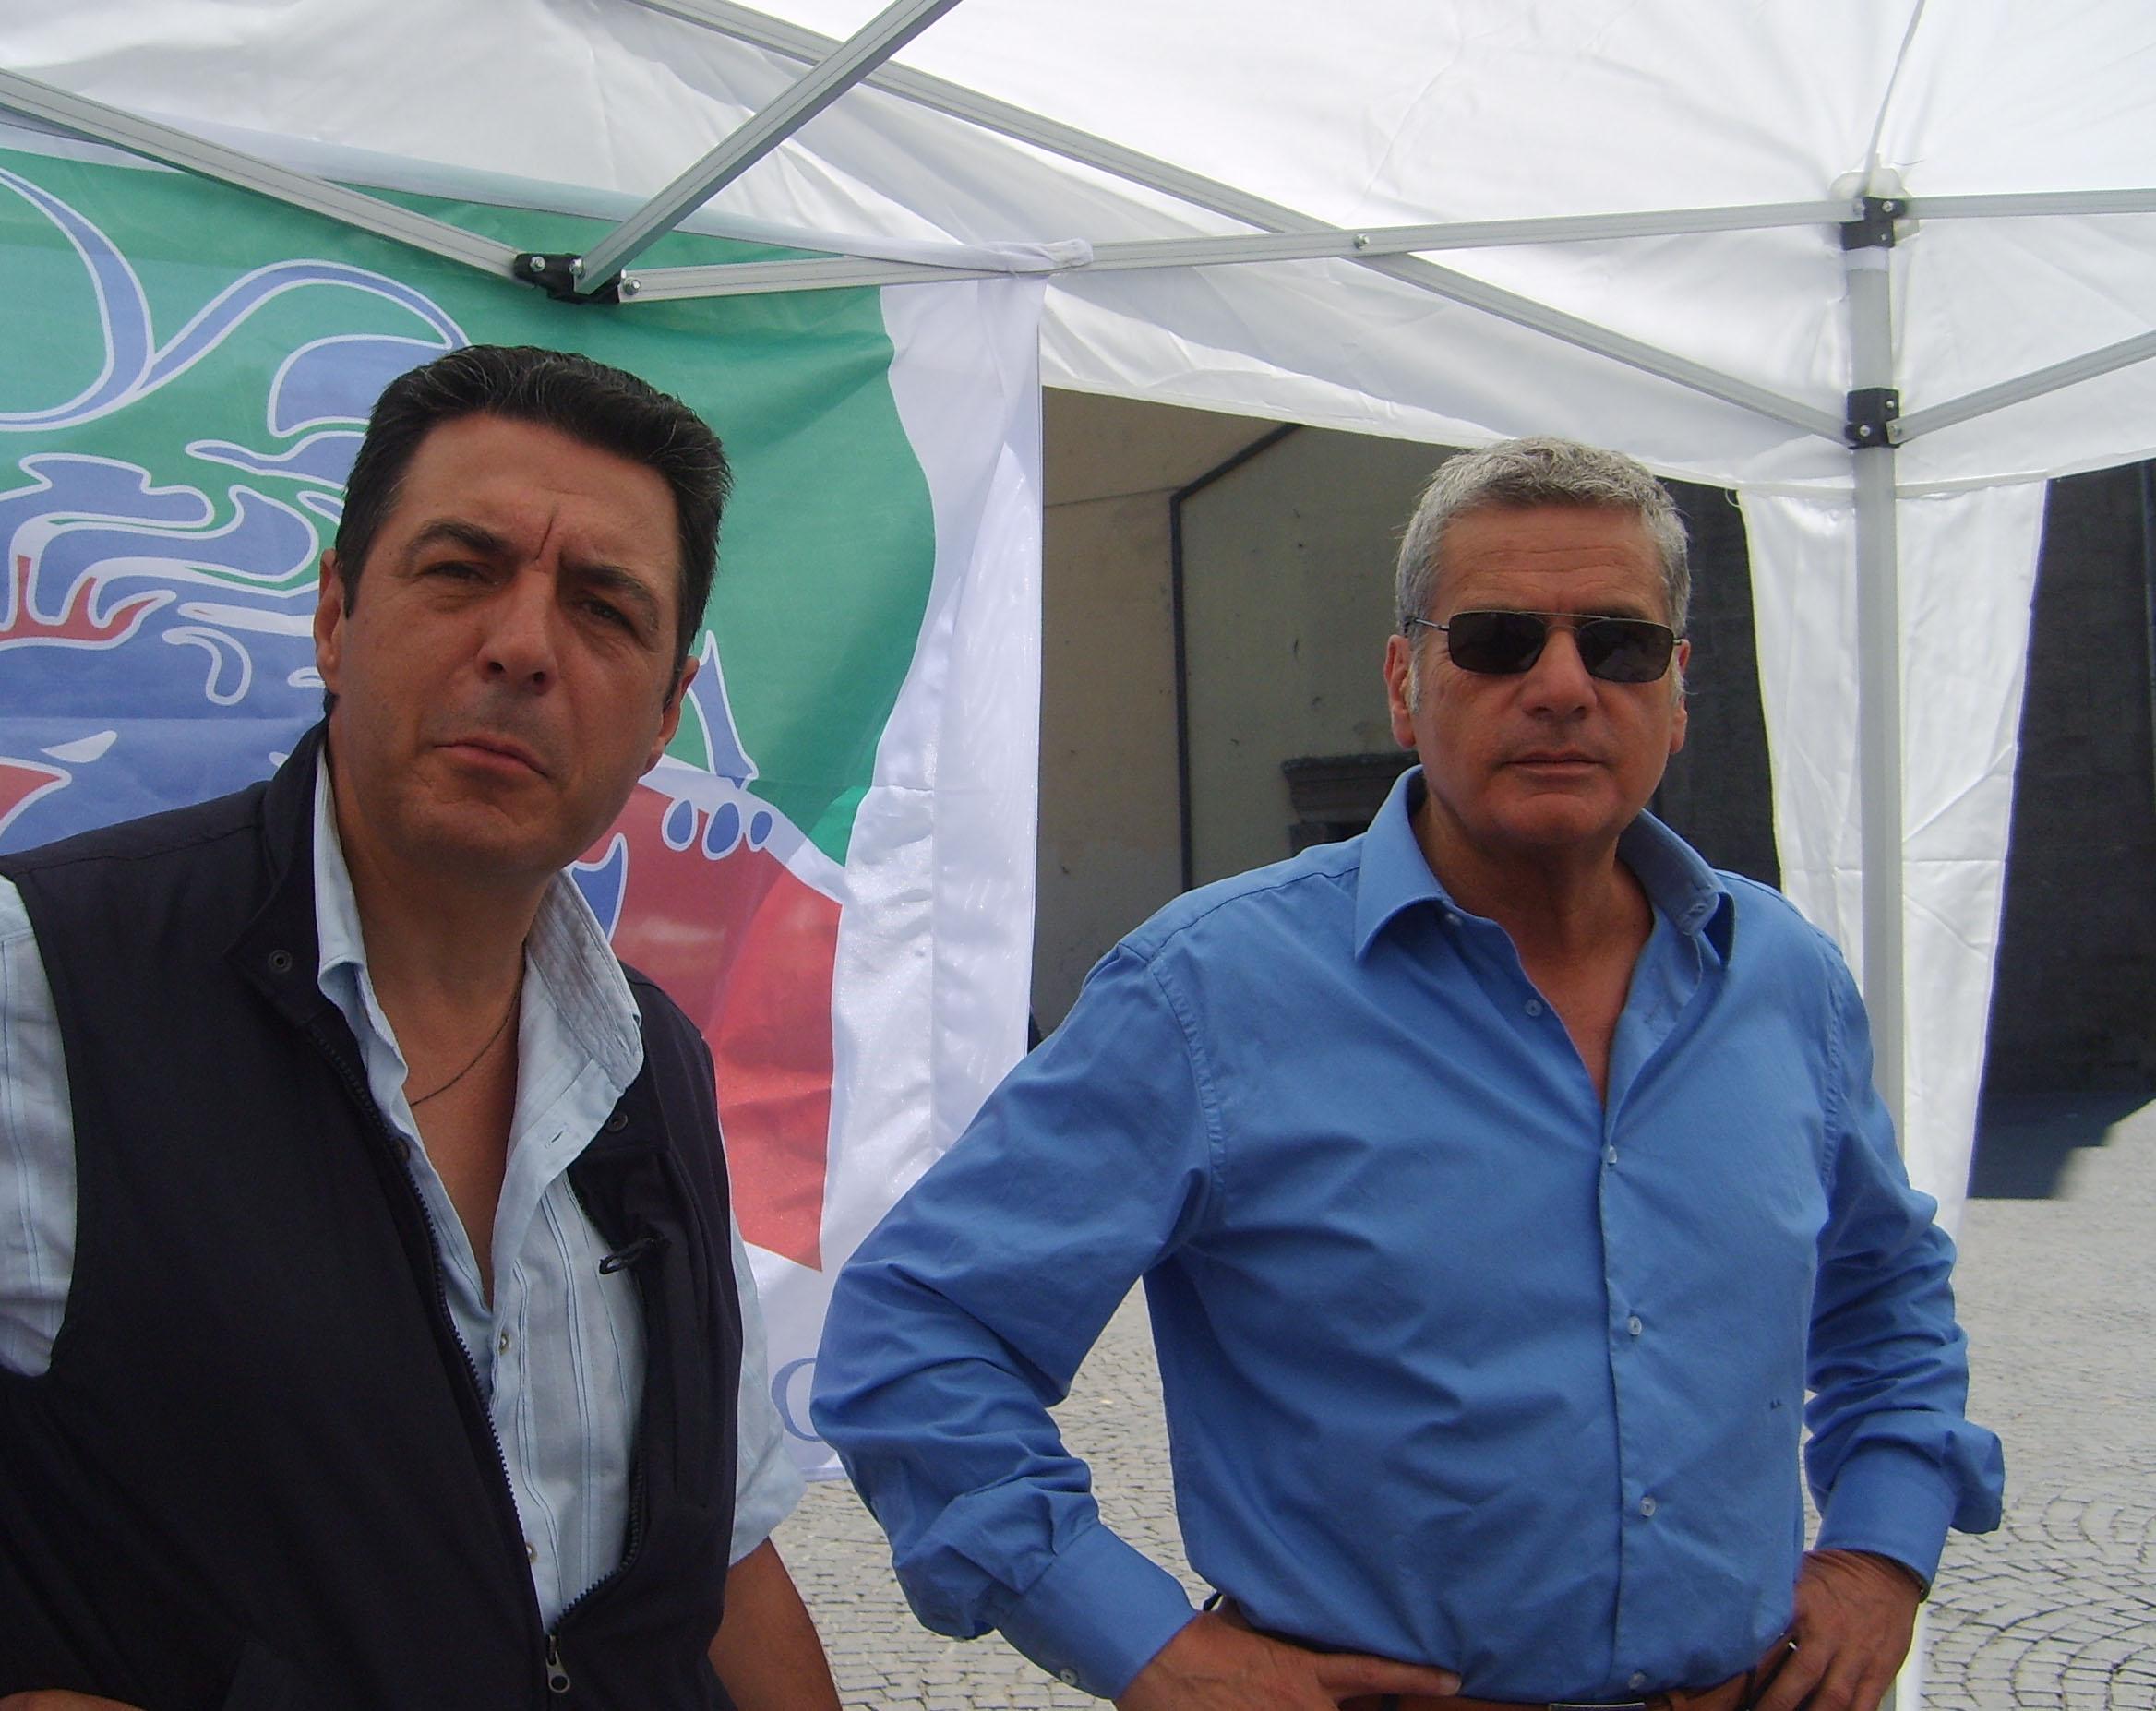 """Teatro Caffeina, Forza Italia si spacca ancora una volta: Arena firma per Rossi, Marini e Sberna: """"Le leggi vanno rispettate"""""""